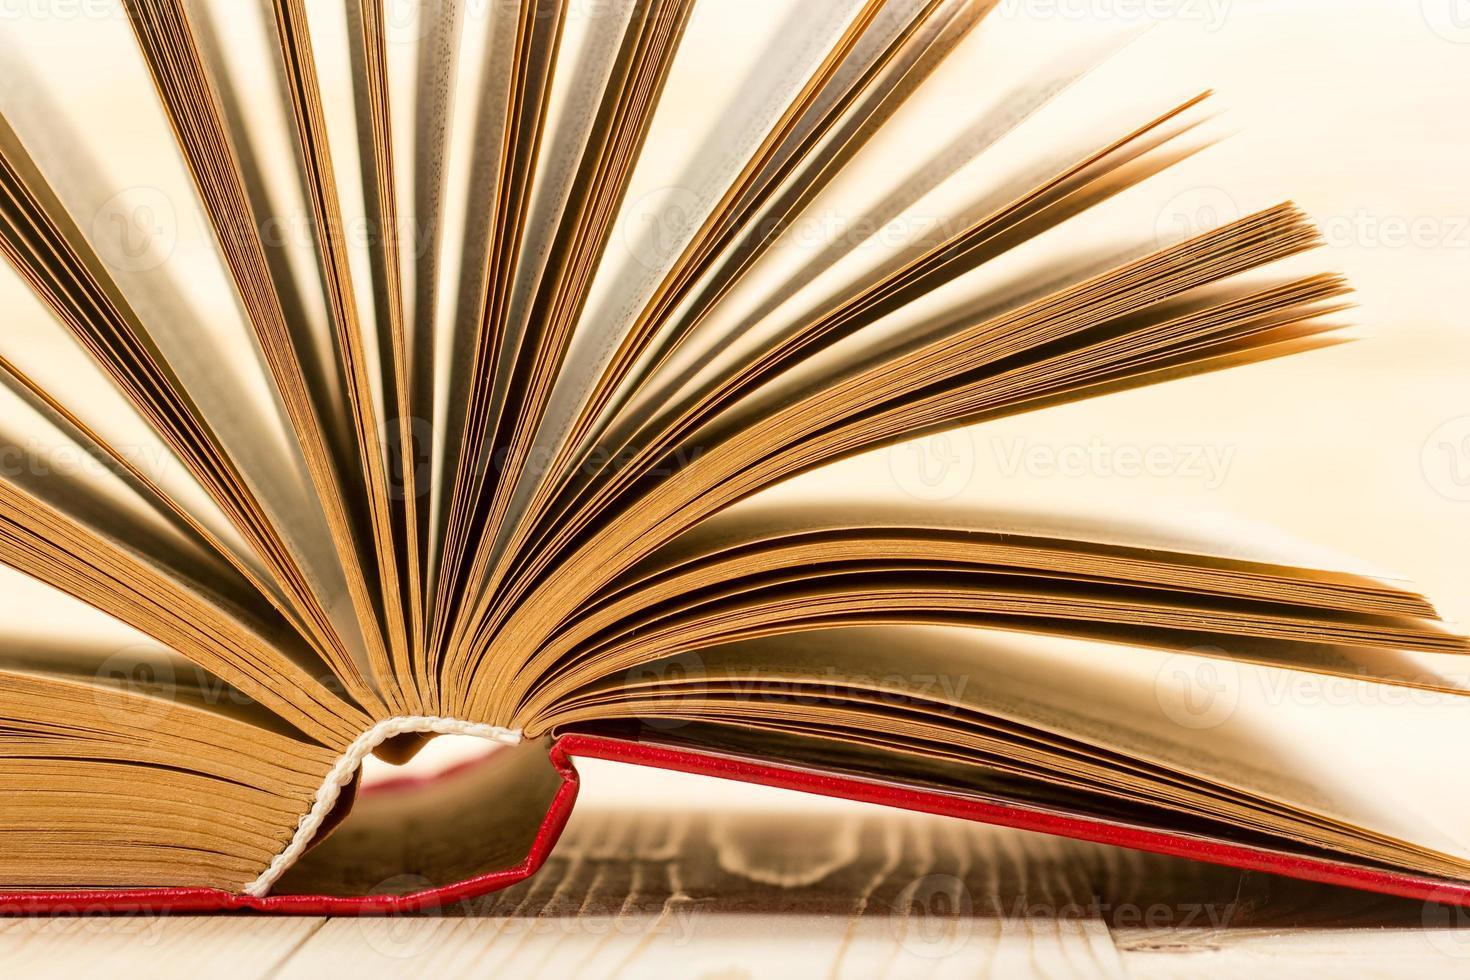 öppen bok på träbord. tillbaka till skolan. kopiera utrymme foto